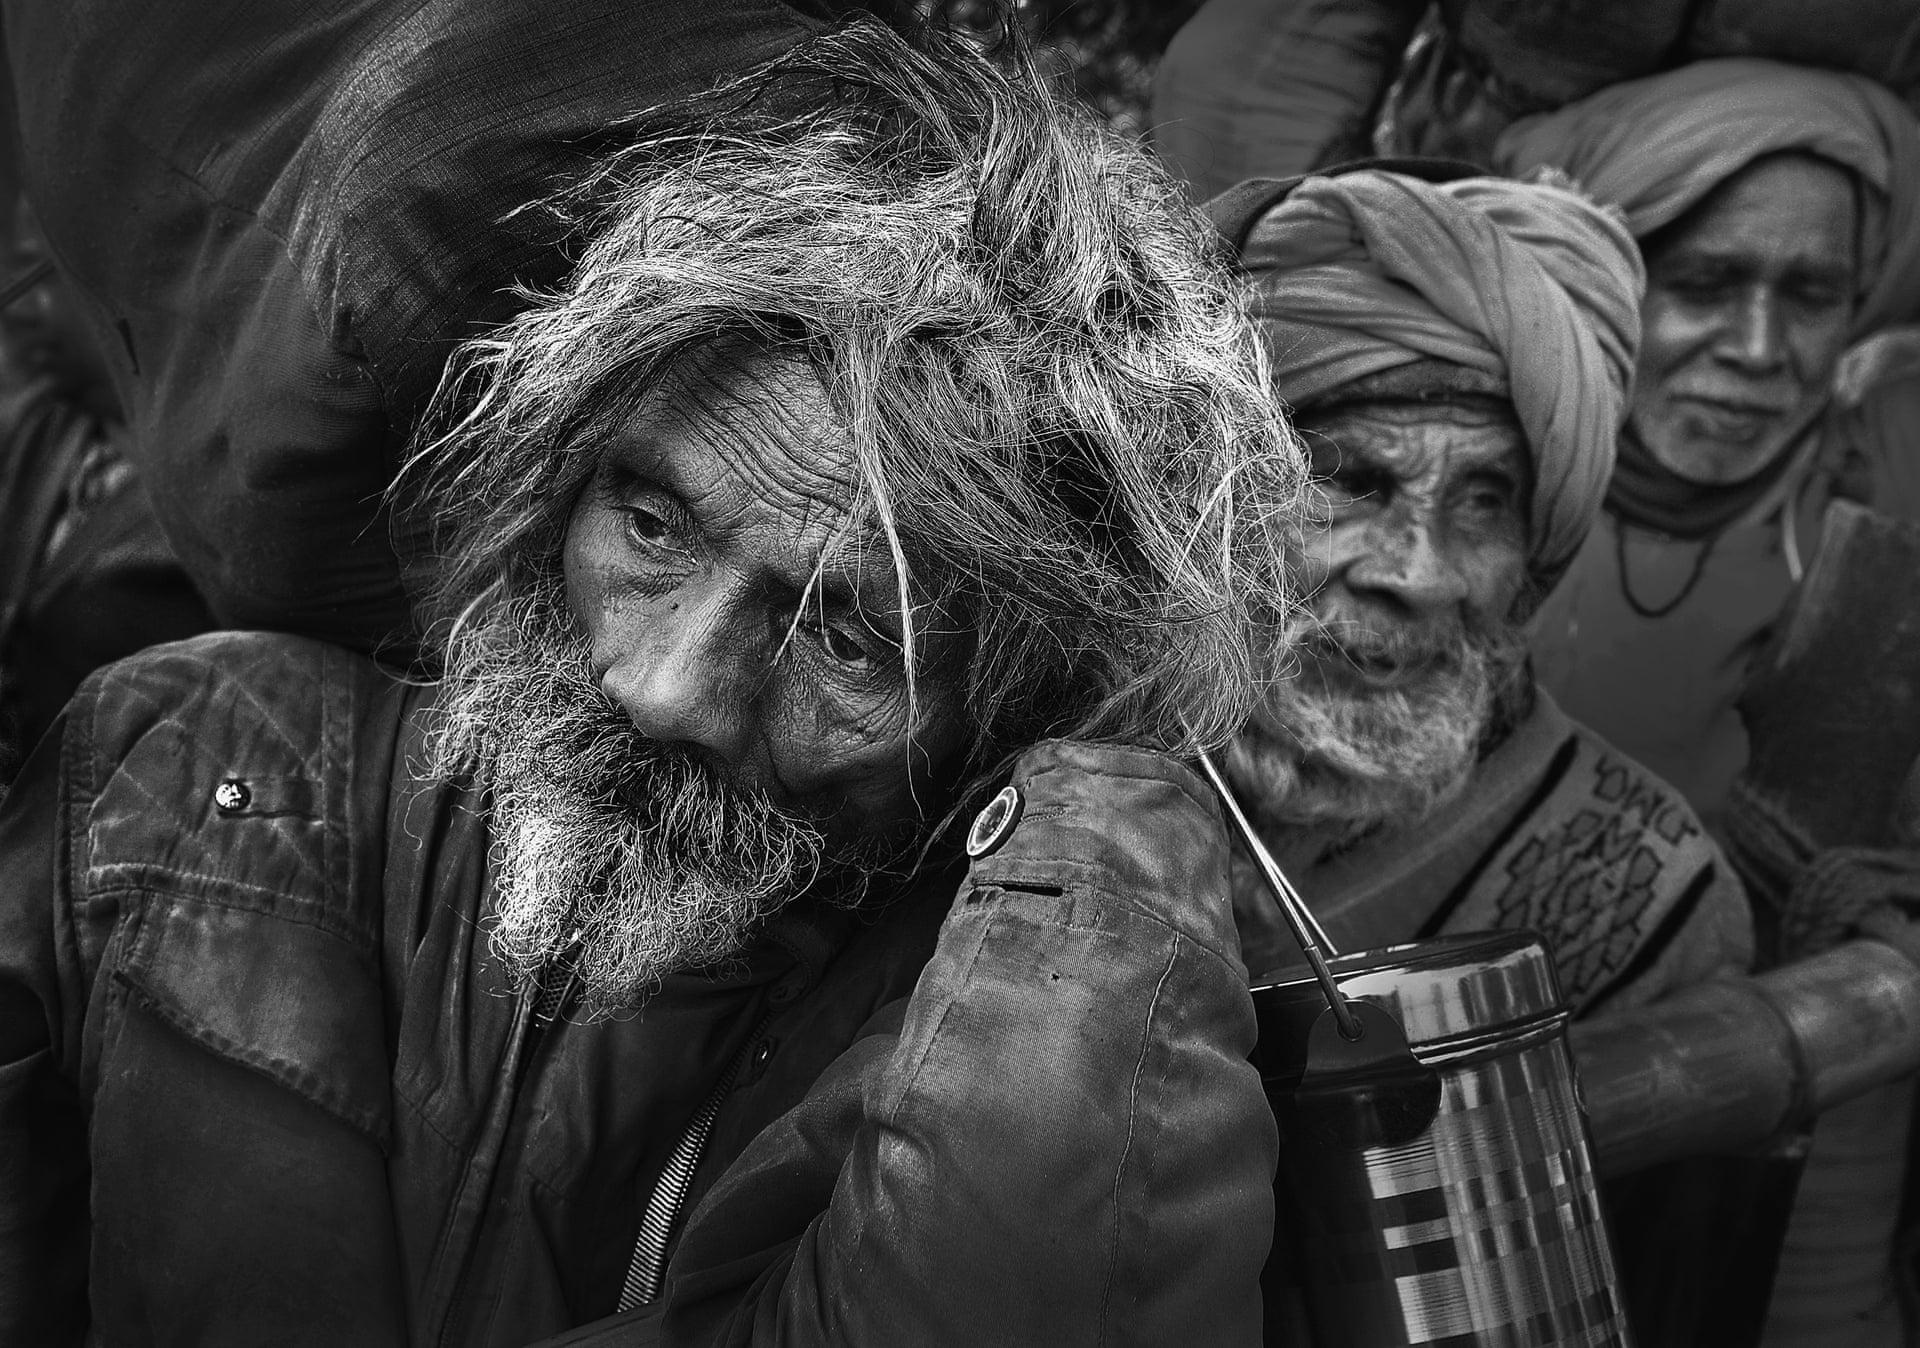 «Χωρίς Ελπίδα». Ηλικιωμένοι προσκυνητές ταξίδεψαν χιλιόμετρα για να λάβουν θρησκευτική ευλογία, κατά τη διάρκεια της ινδουϊστικής γιορτής Μακάρ Σανκραντί που λαμβάνει χώρα κάθε Ιανουάριο. Οι προσκυνητές βουτάνε στον Γάγγη στο νησί Σαγκά, στη Δυτική Βεγγάλη της Ινδίας